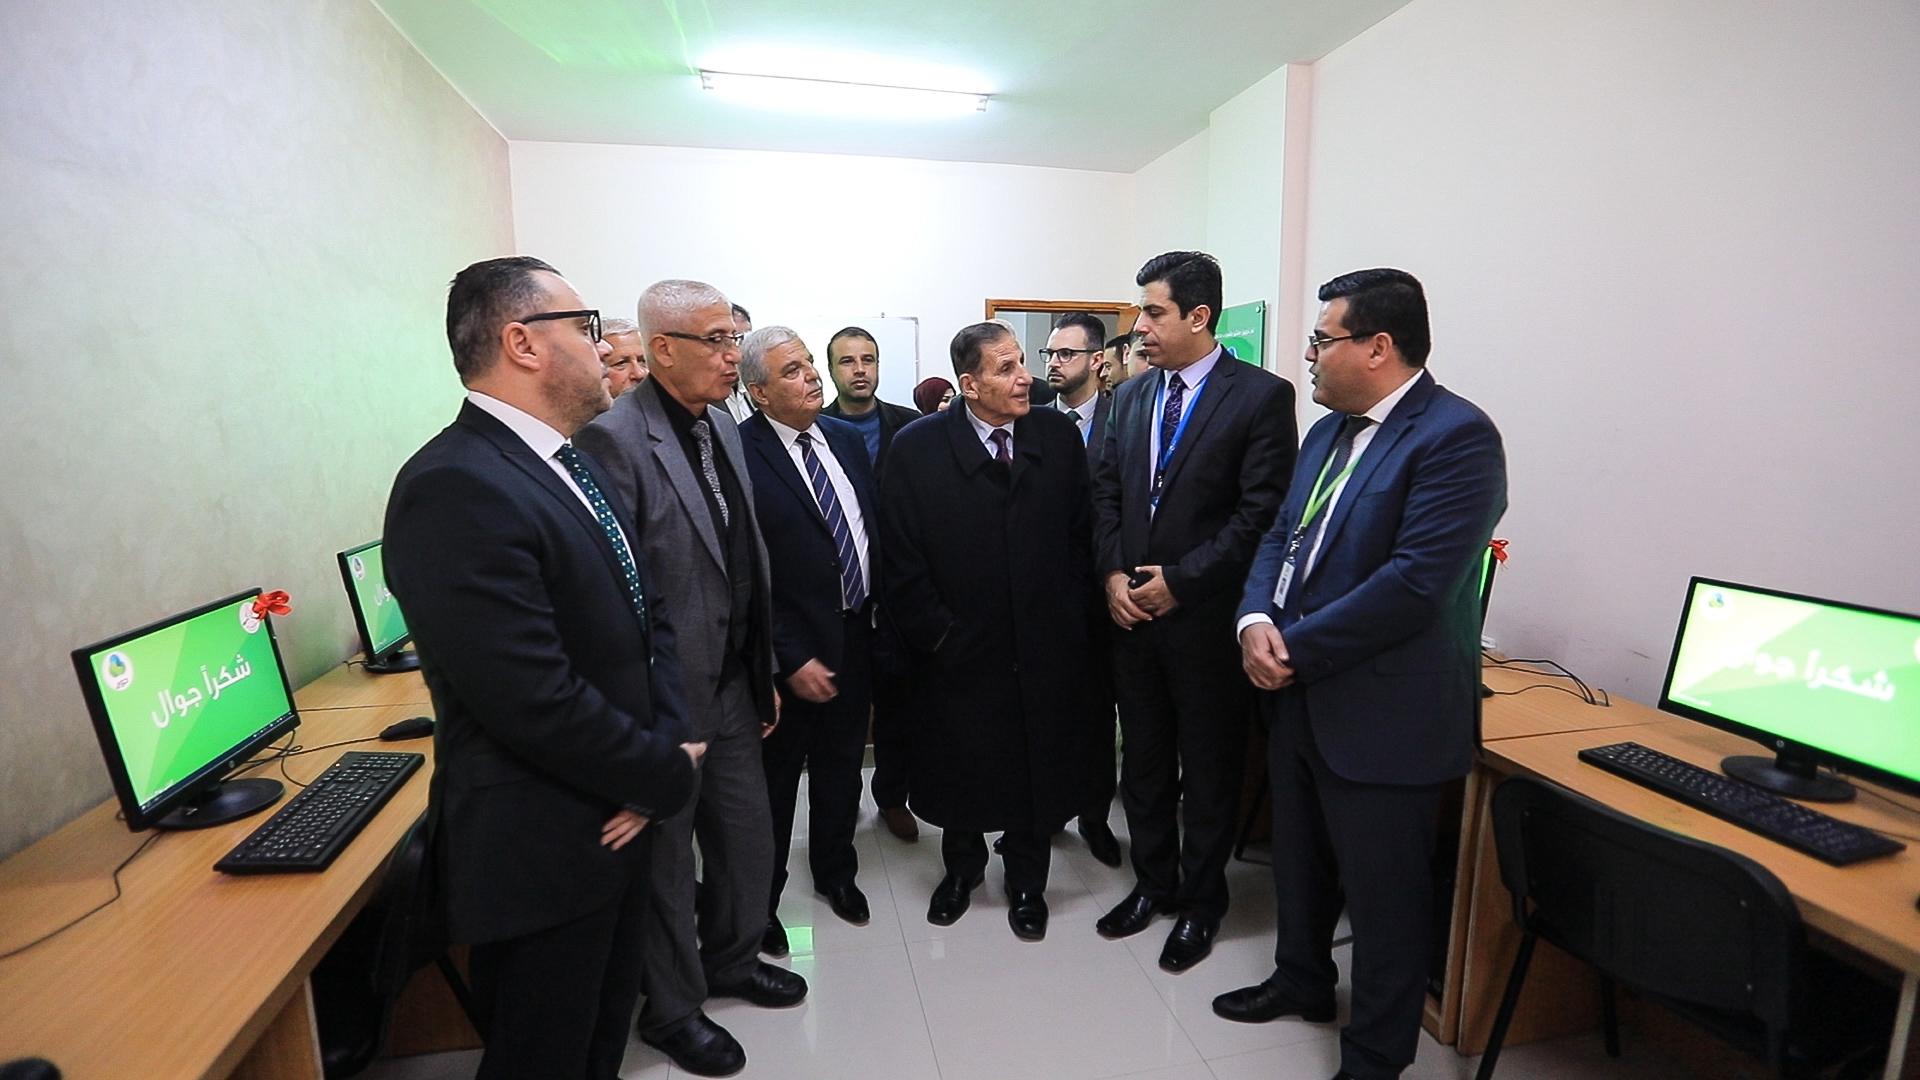 جوال و جامعة غزة يفتتحان مشروع تجهيز مختبر حاسوب